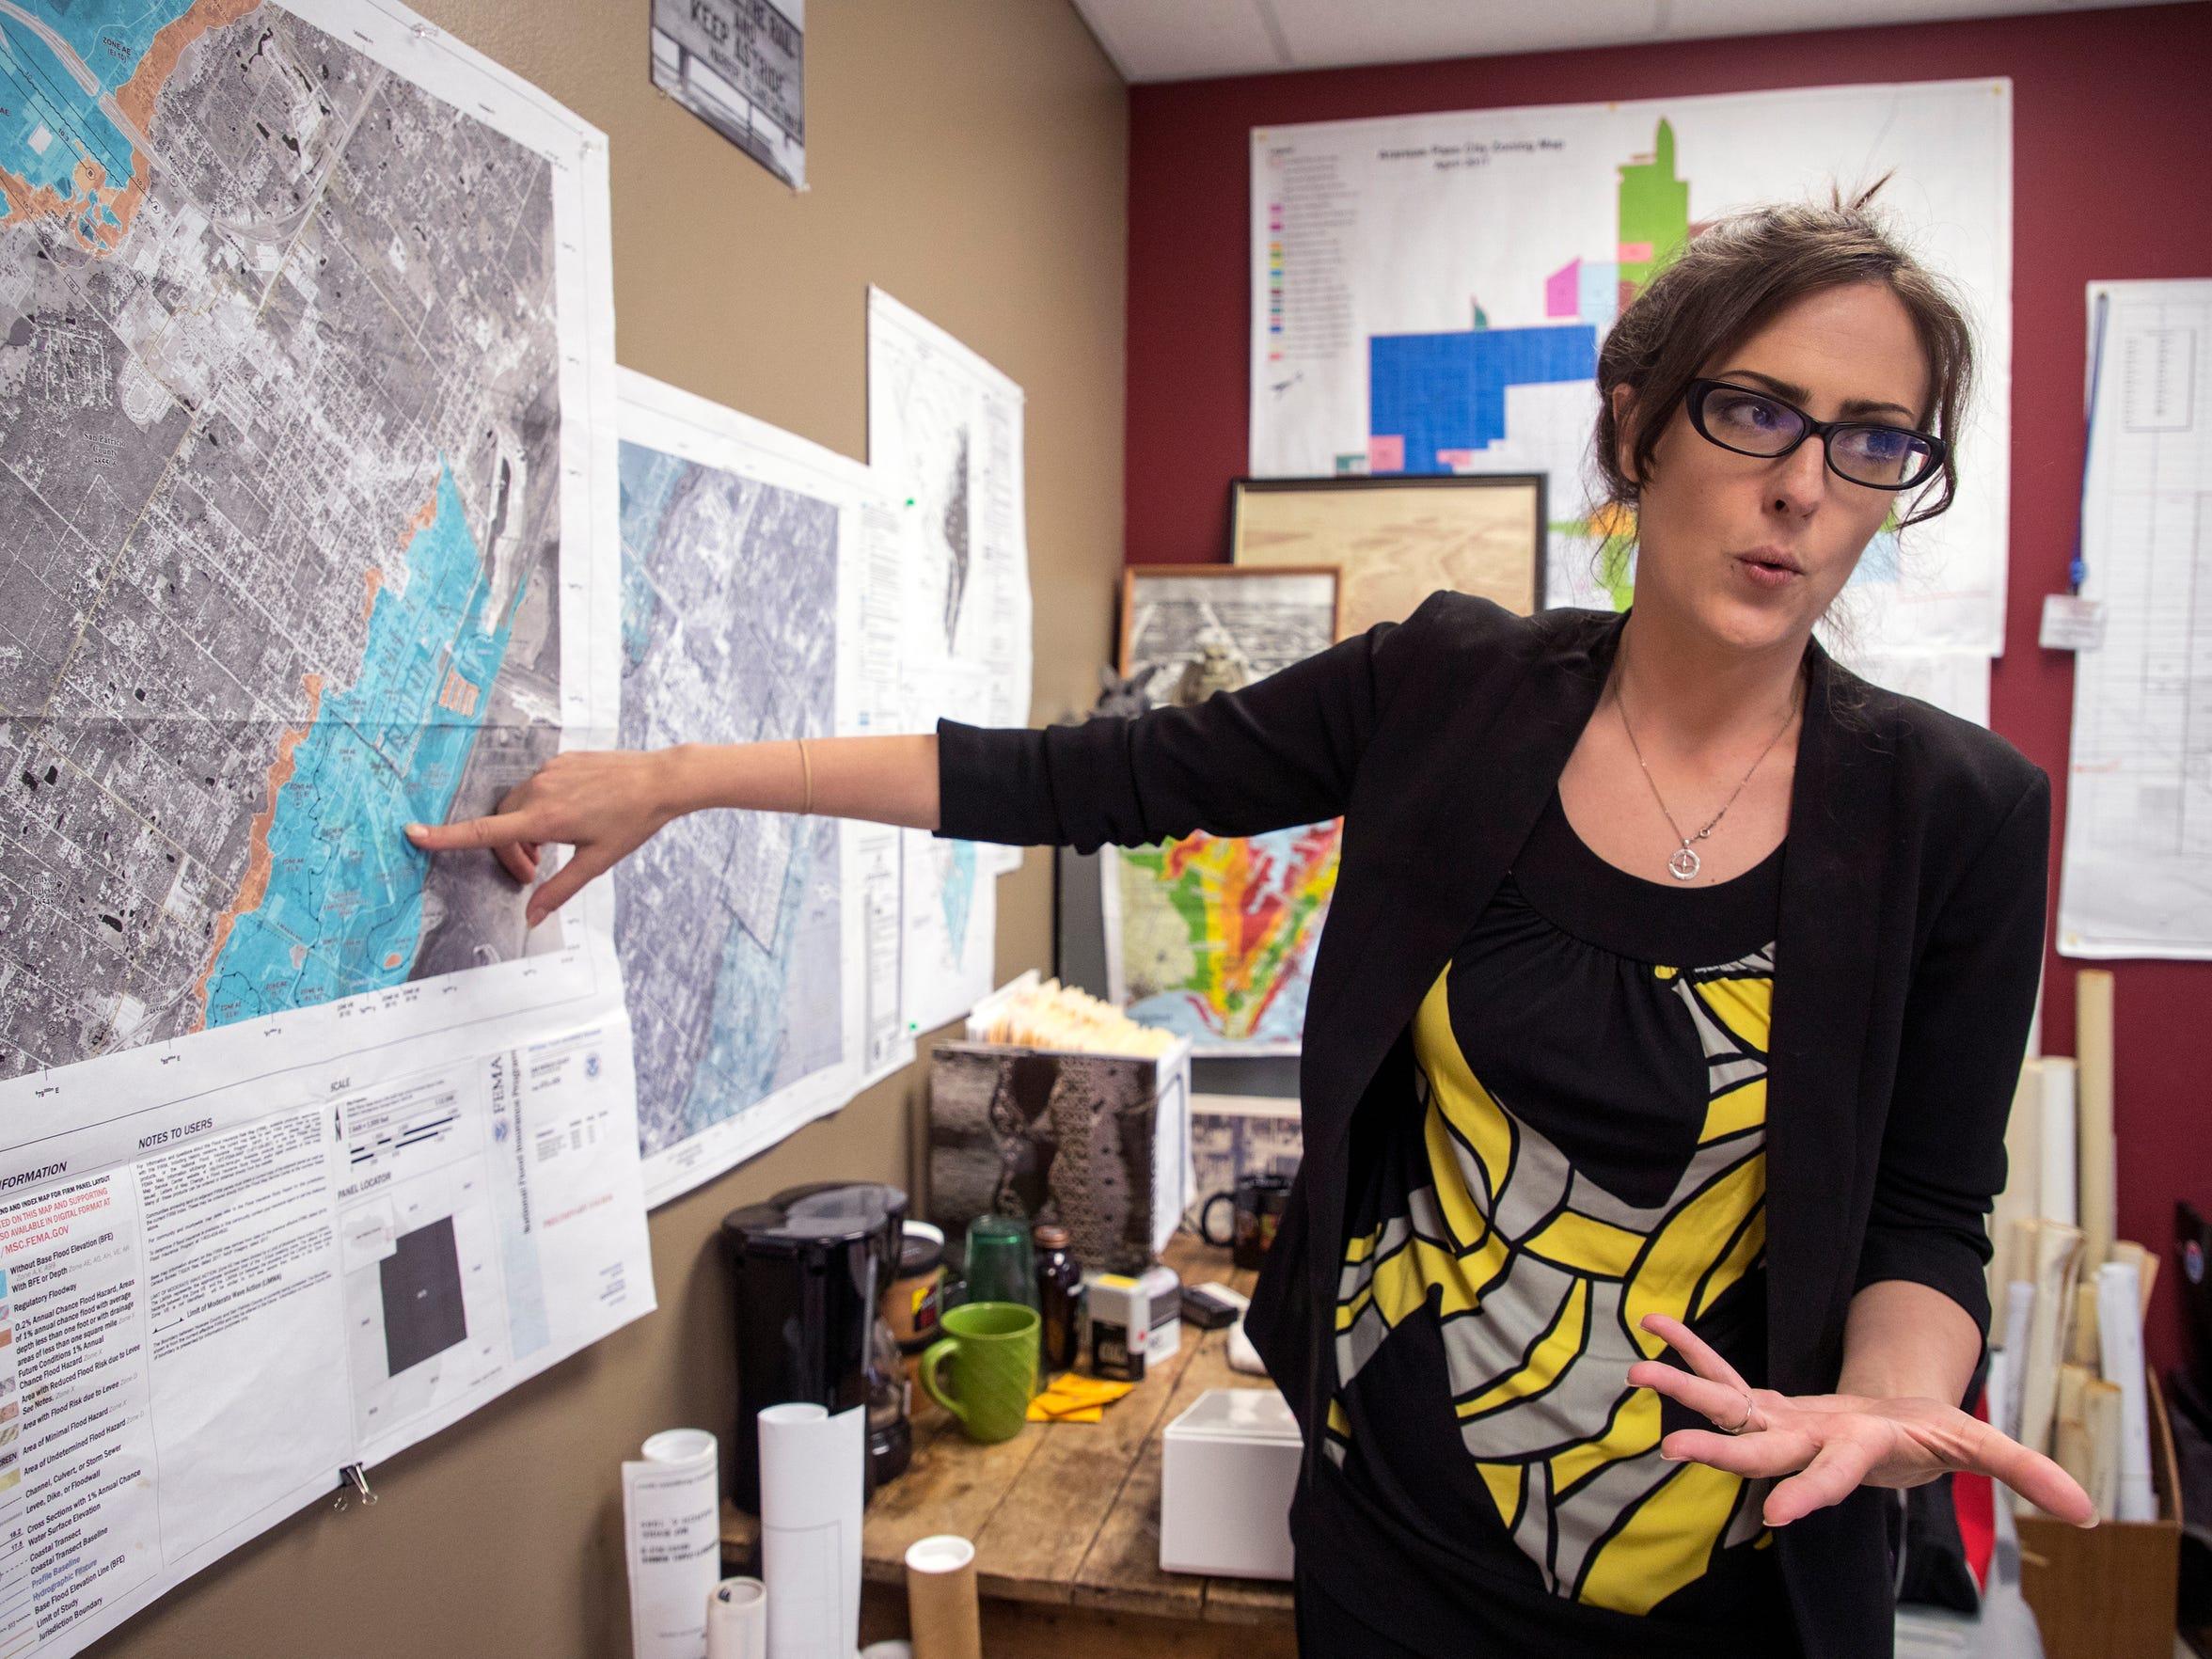 Kat Comeaux, superintendent of development services